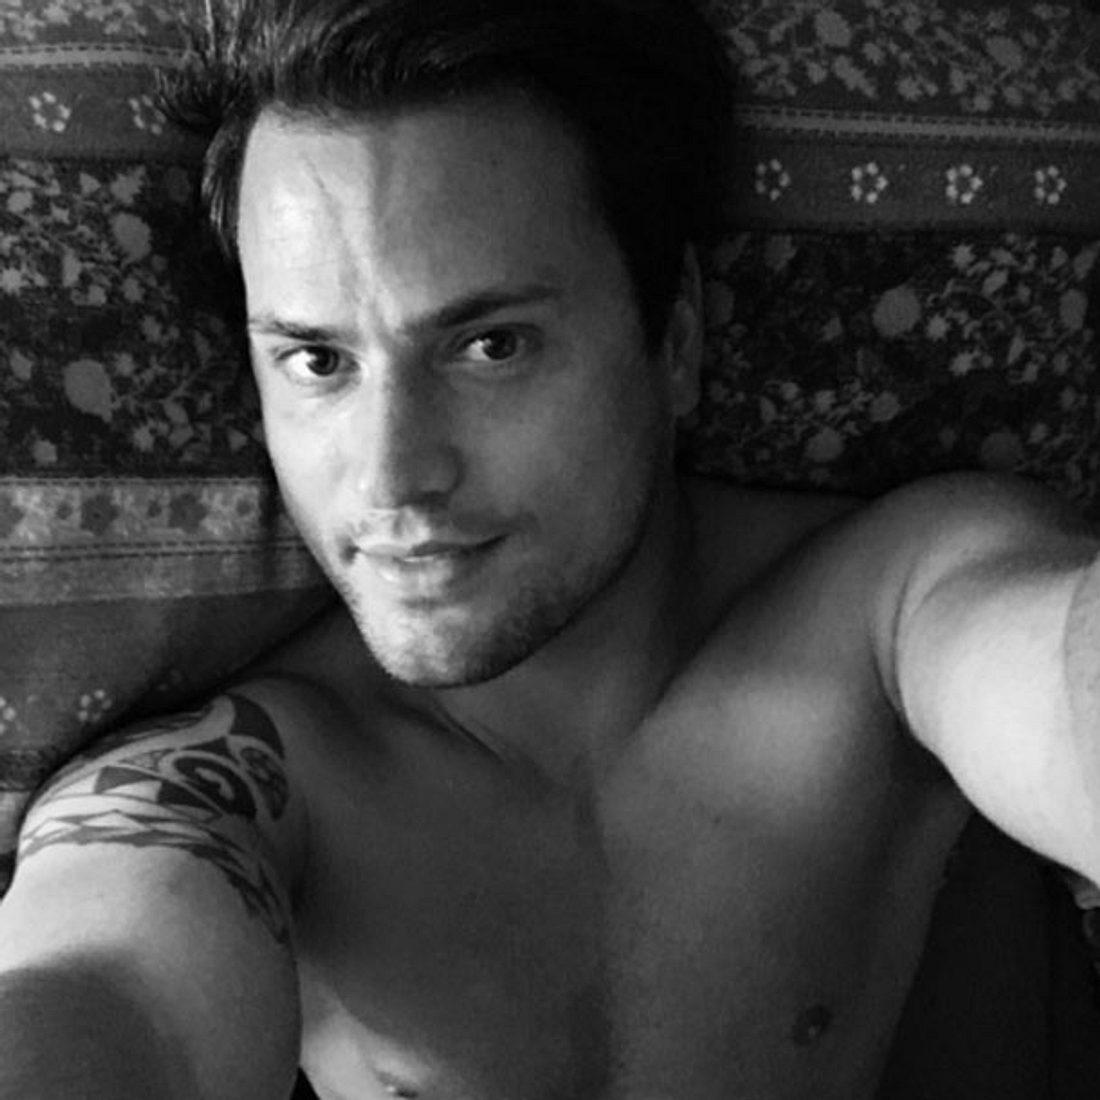 Rocco Stark zeigt sich nackt